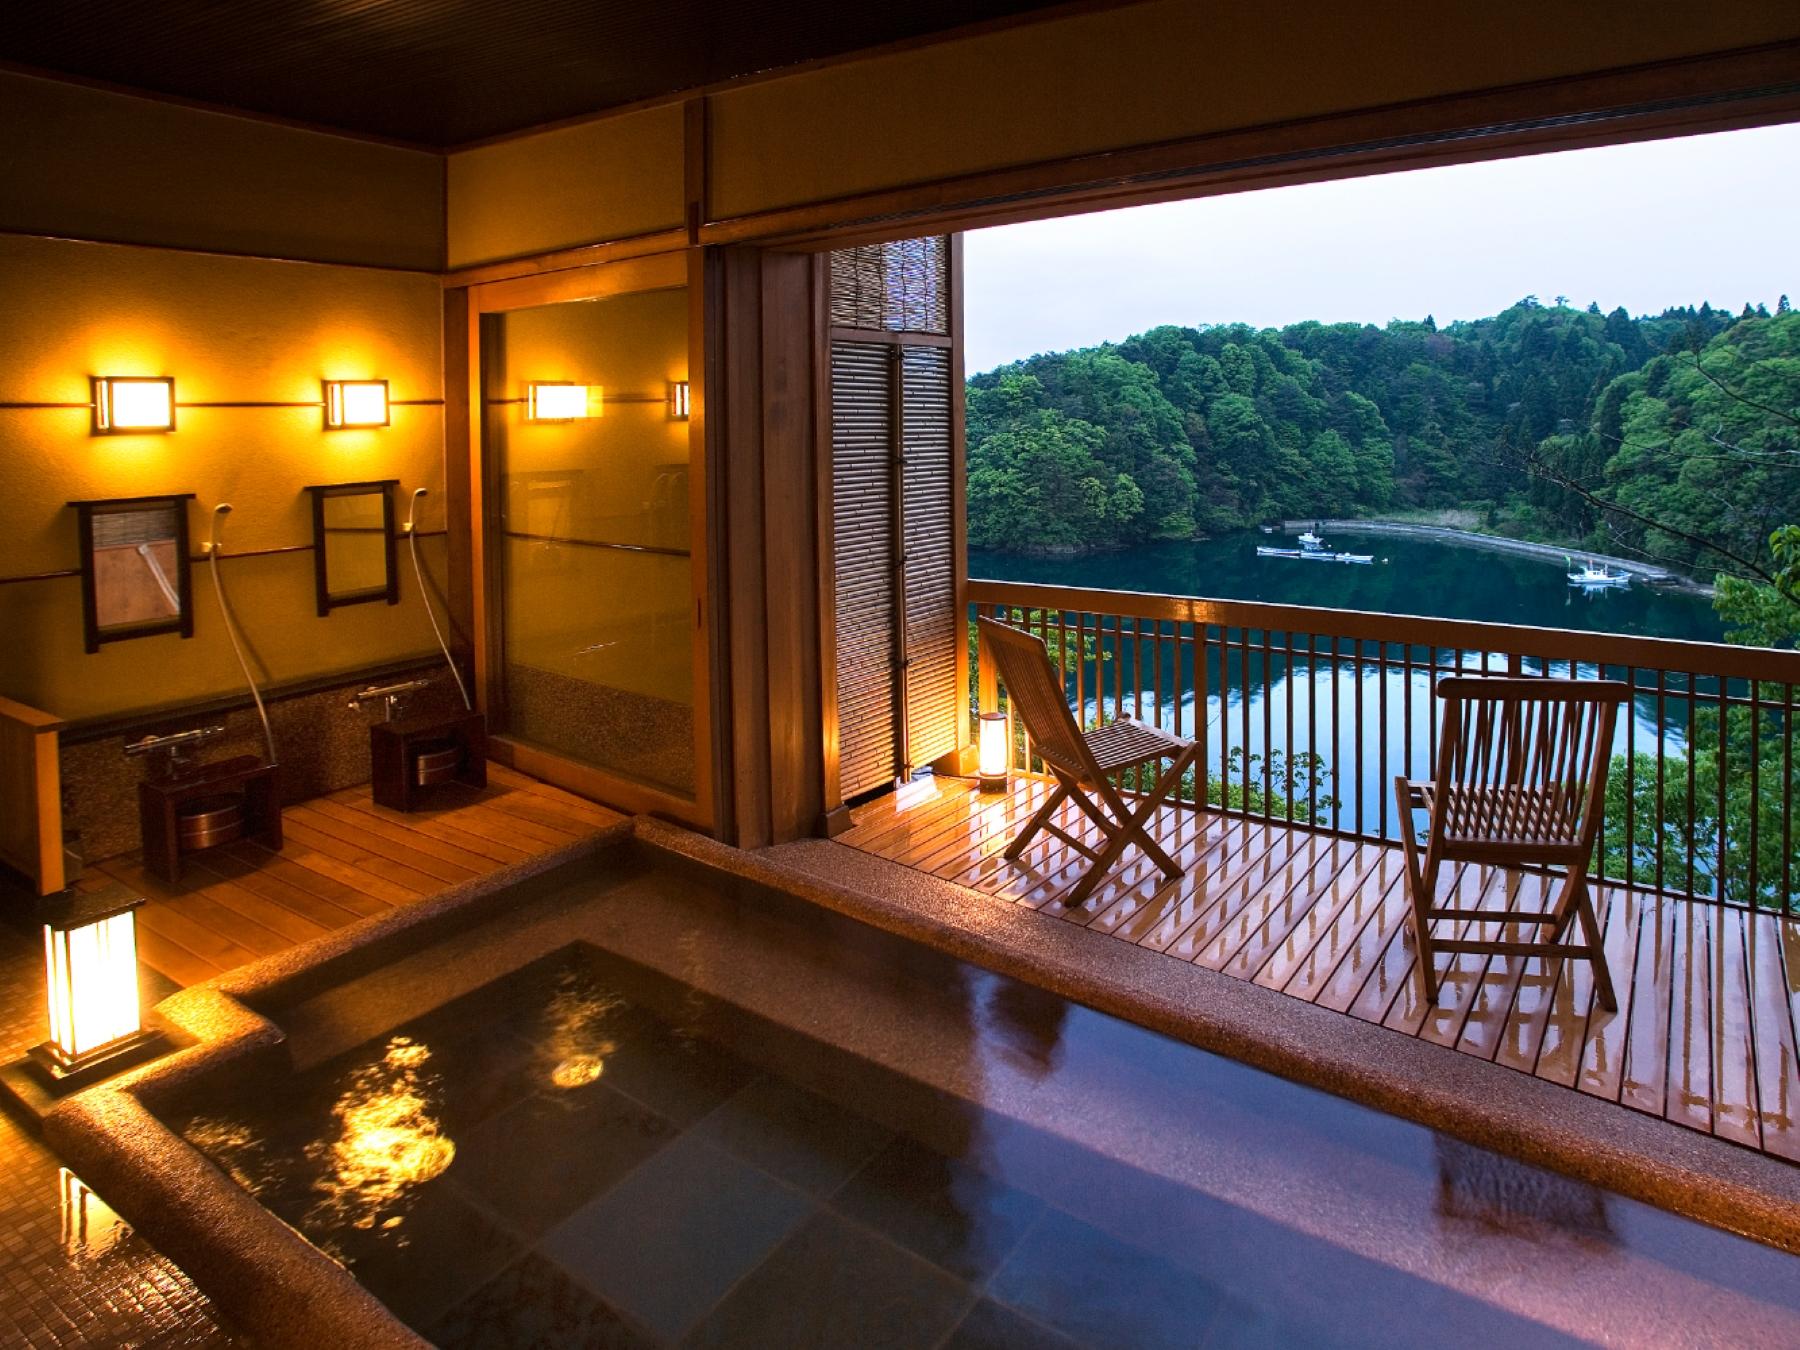 貸切露天風呂 誰にも邪魔されないあなただけの空間で、九十九湾の眺めと湯の贅沢を心ゆくまでお楽しみください。